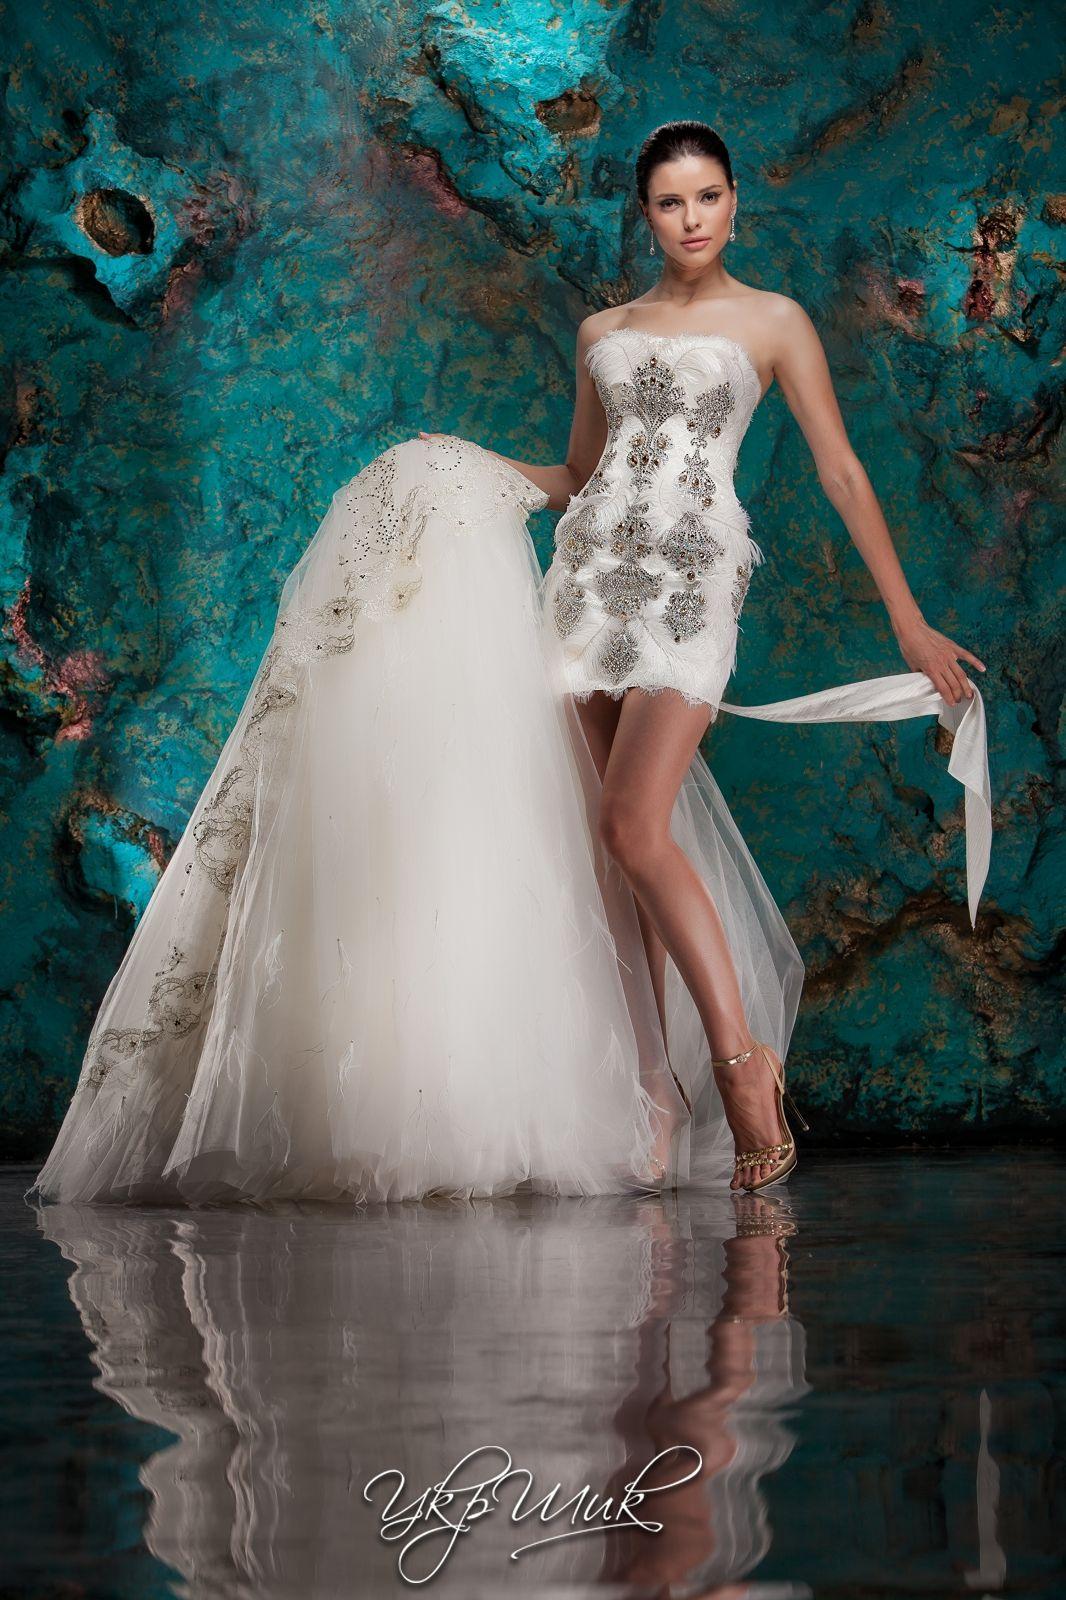 Работа девушка модель для свадебных платьев история пилатеса